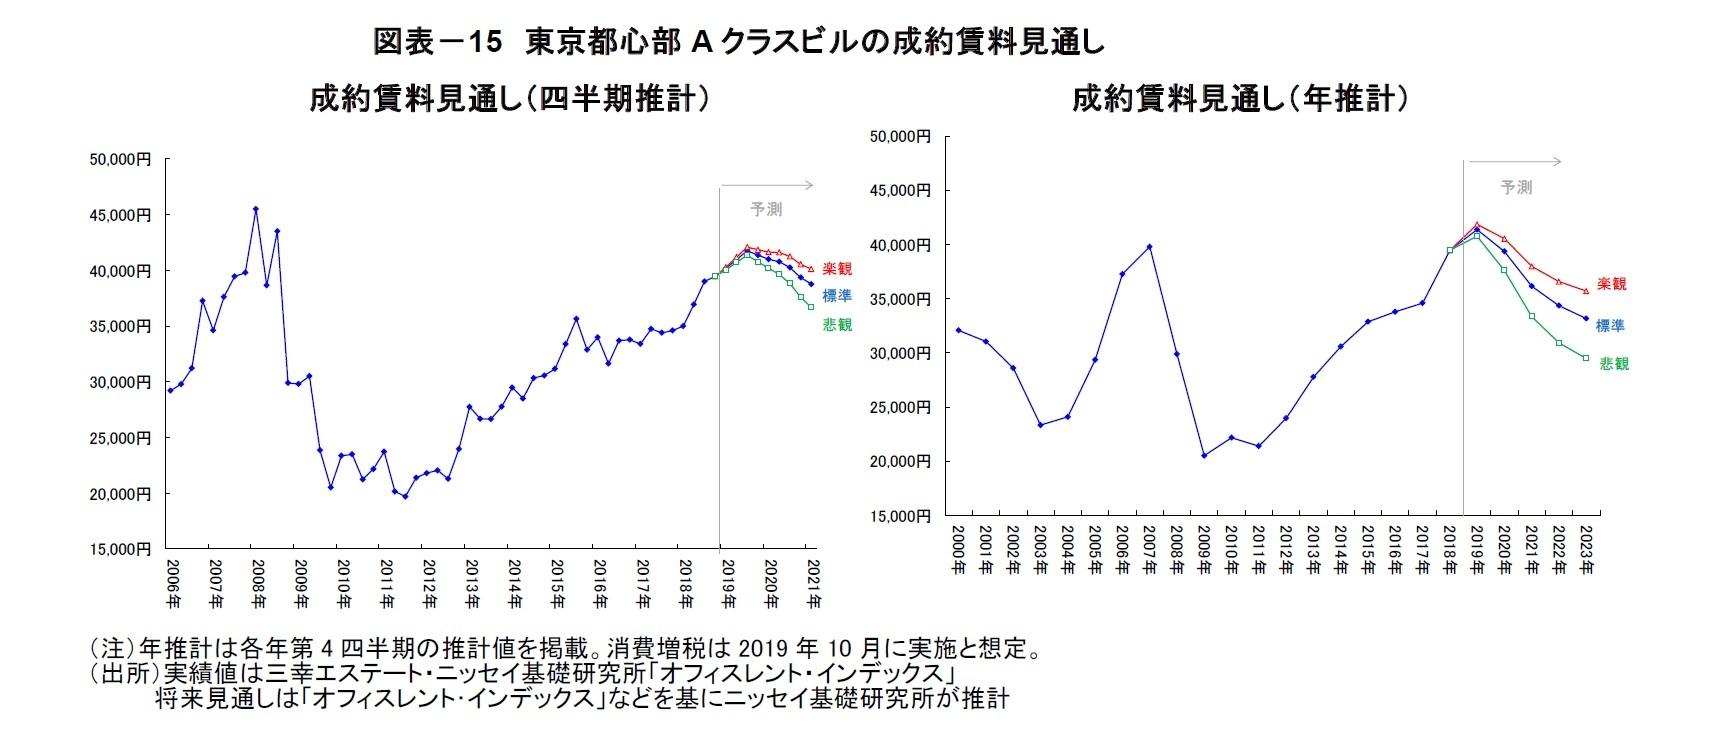 図表-15 東京都心部Aクラスビルの成約賃料見通し